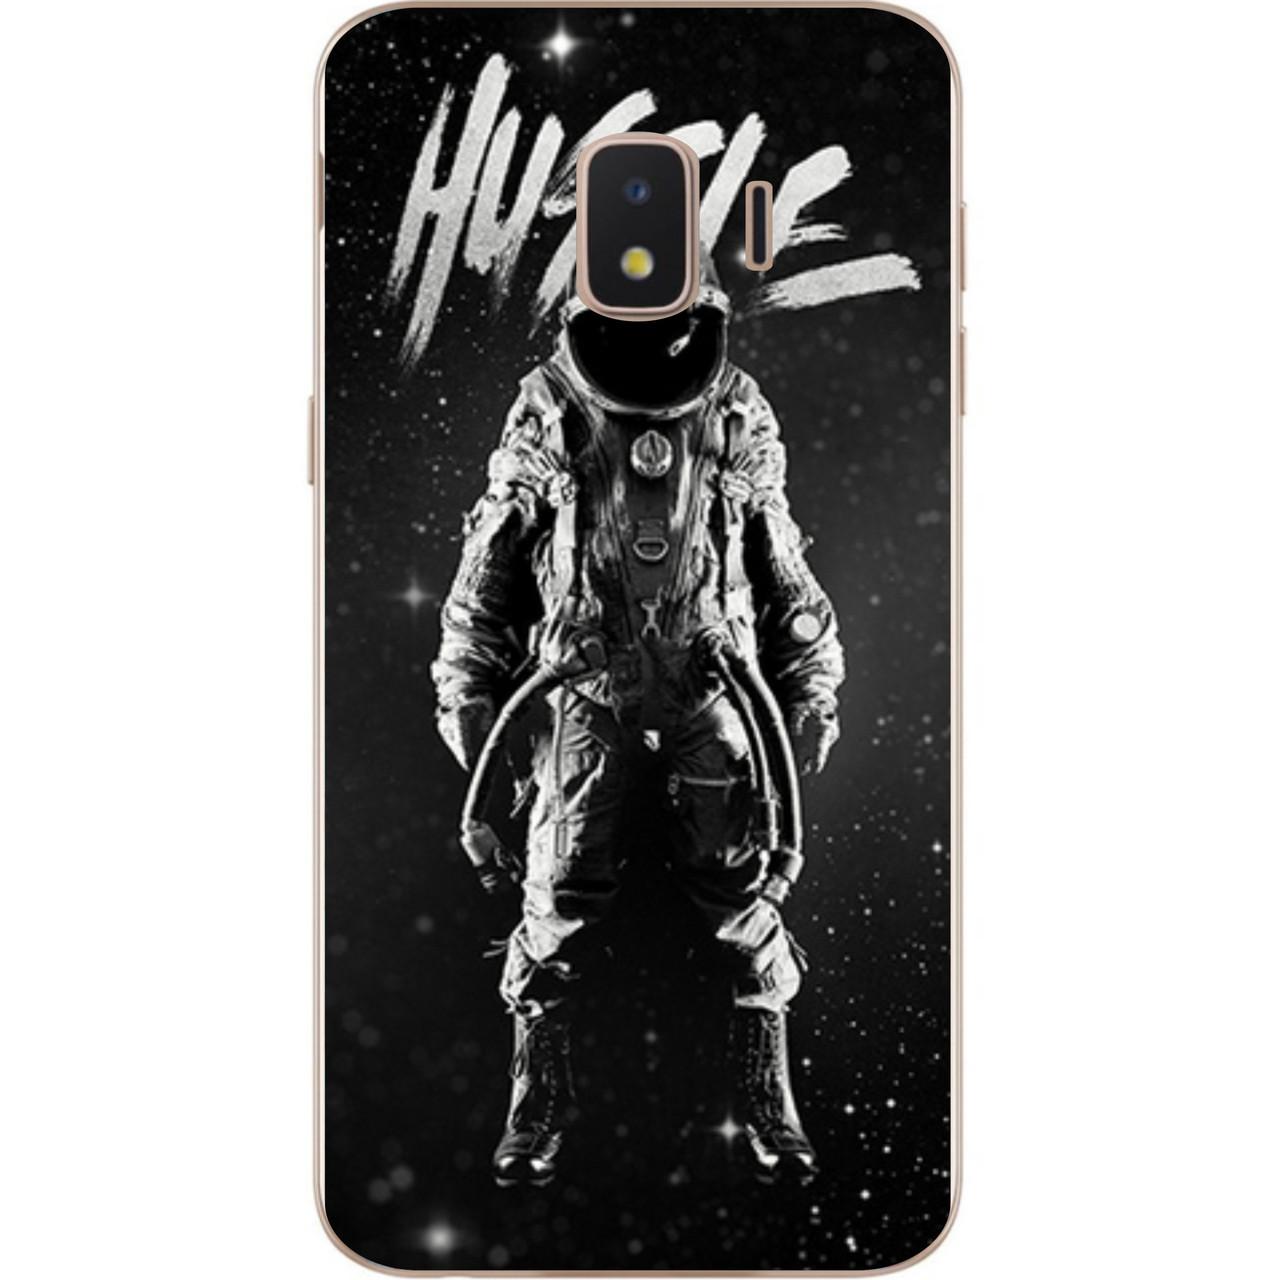 Силіконовий чохол з малюнком для Samsung J2 Core Galaxy 2018 з картинкою Космонавт hustle